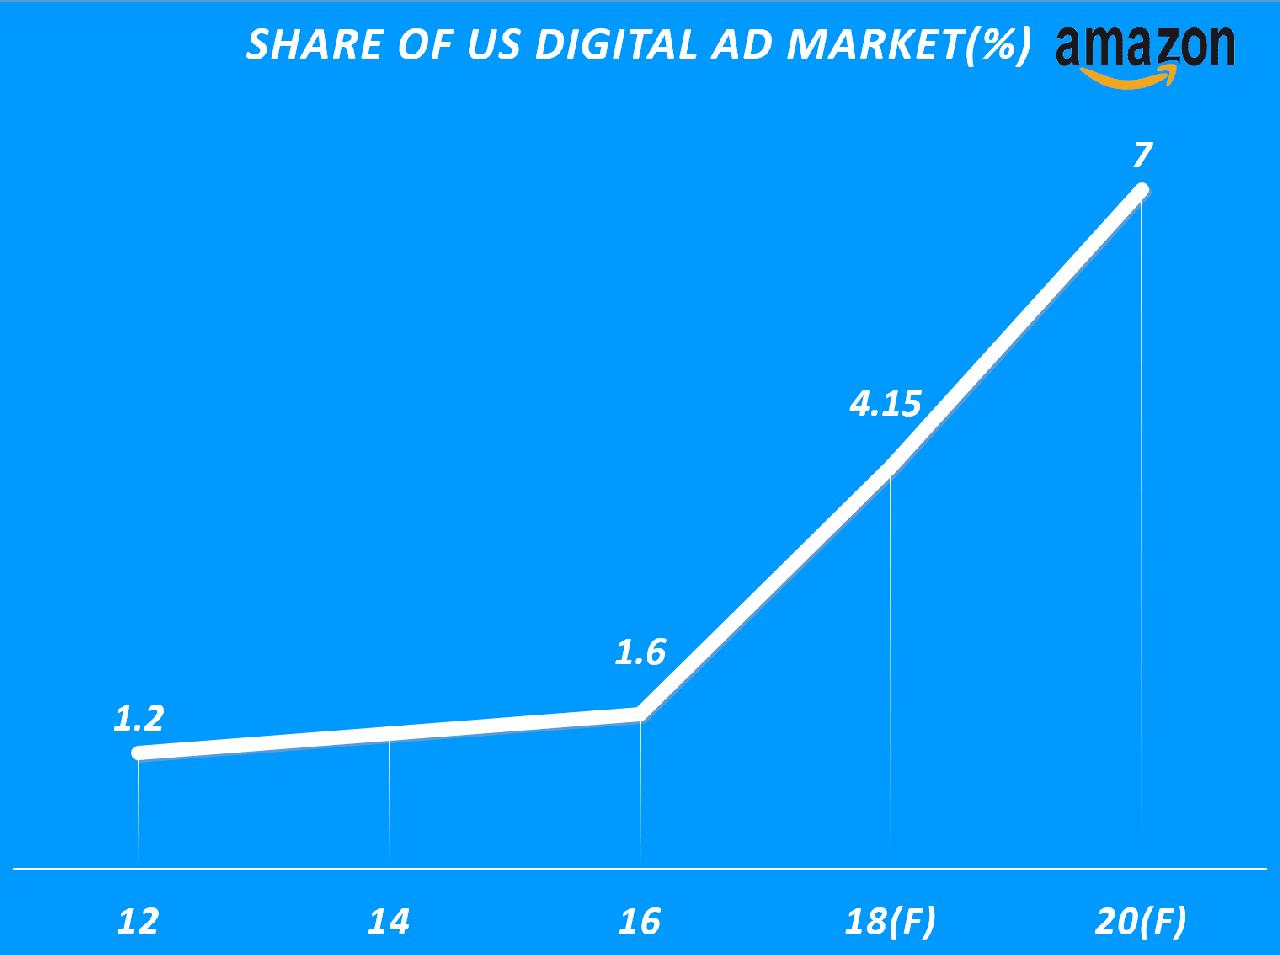 연도별 아마존 디지탈 광고 점유율(Yearly Share of Amazon Digital Ad market(%), 이마케터 데이타 기반 그래프 by Happist